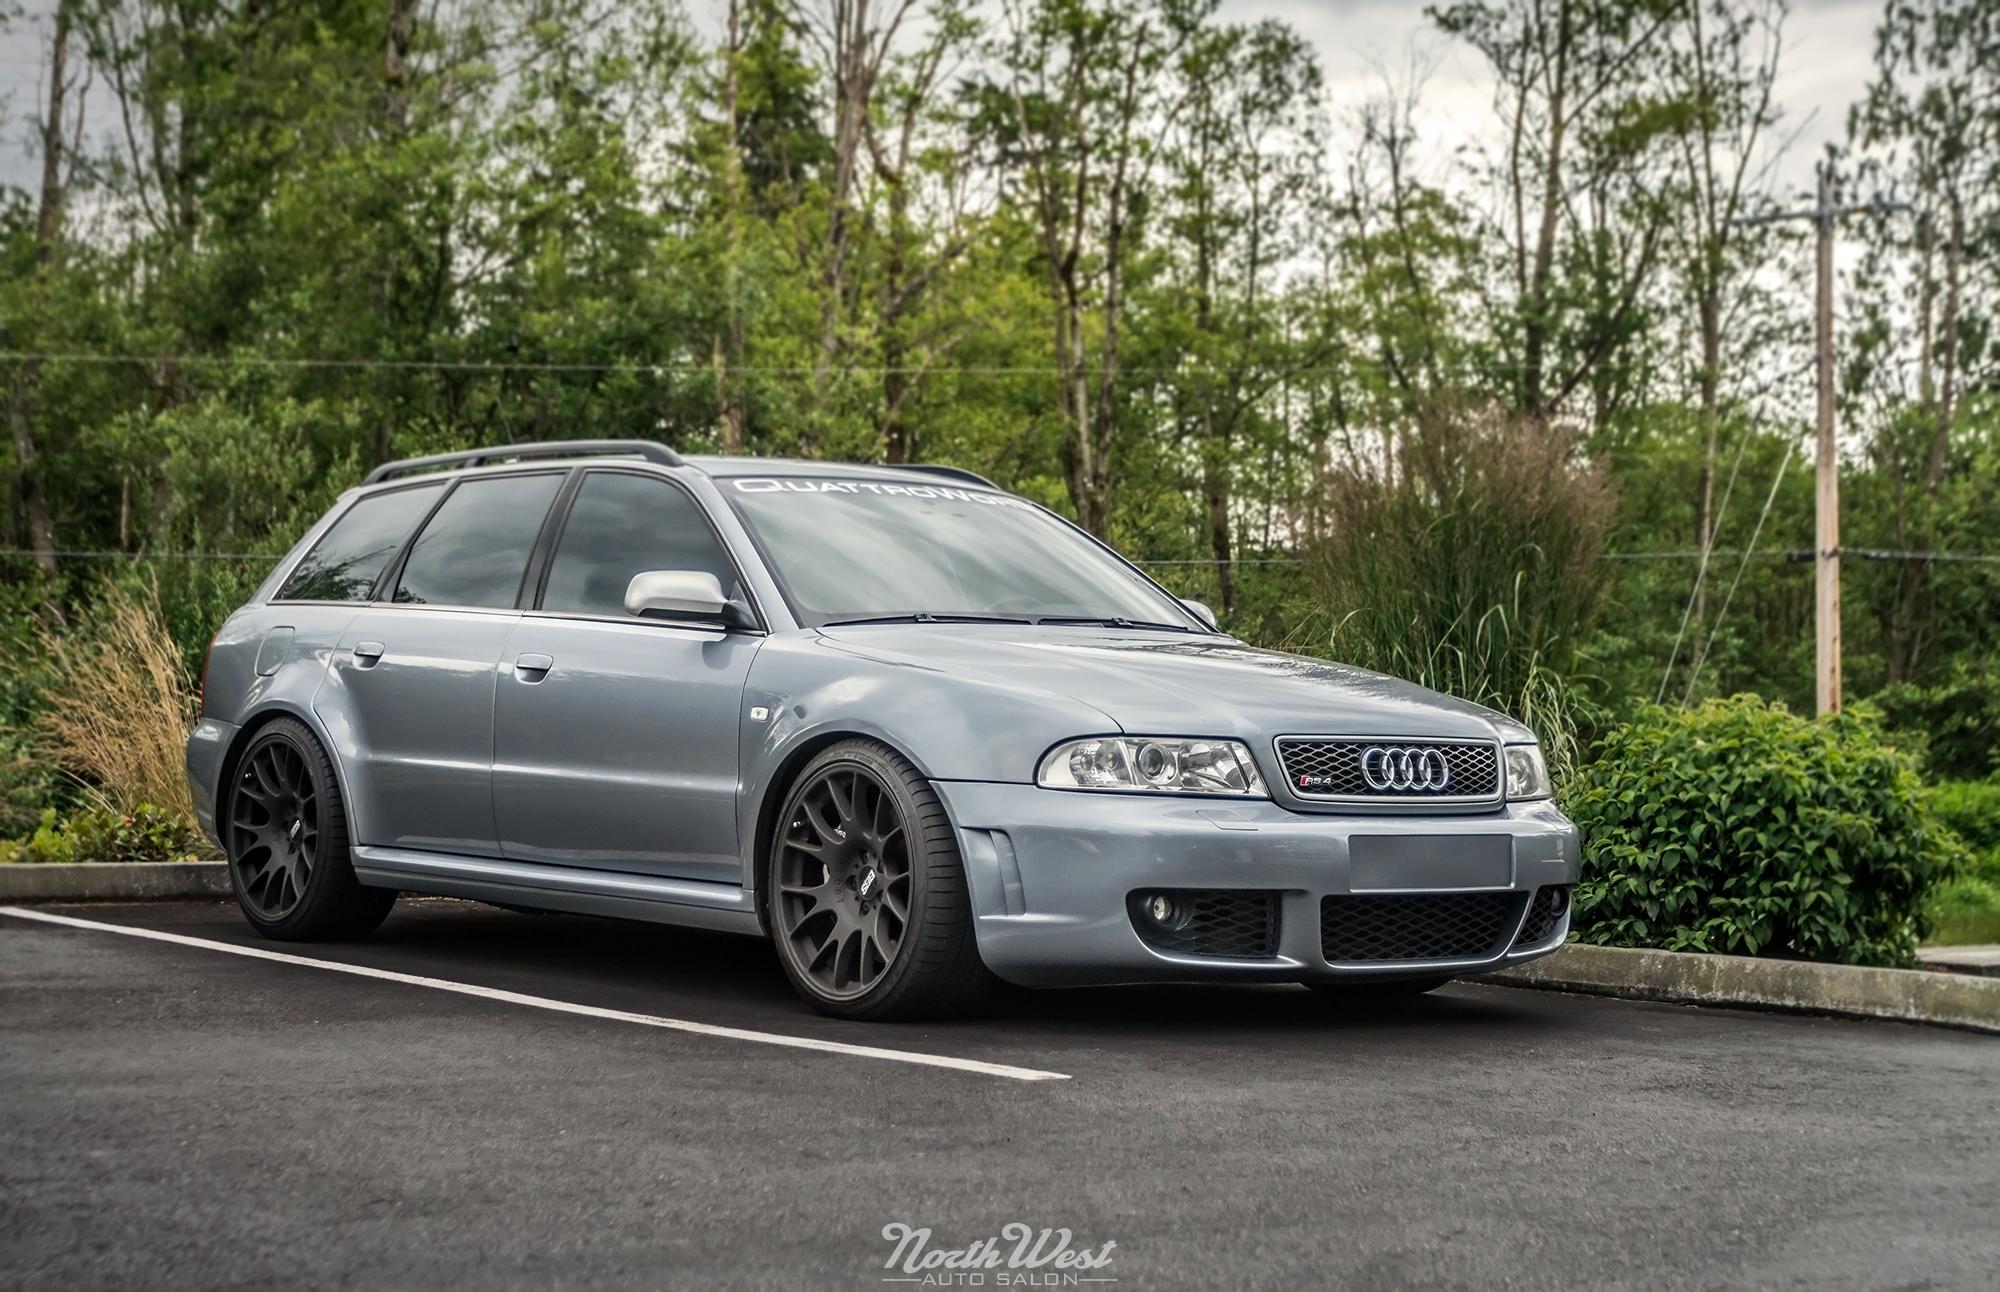 I'm curious....(Top 15 Cars) QuattroWorld-Audi-RS4-Avant-Rare-Wagon-Detail-NWAS-17